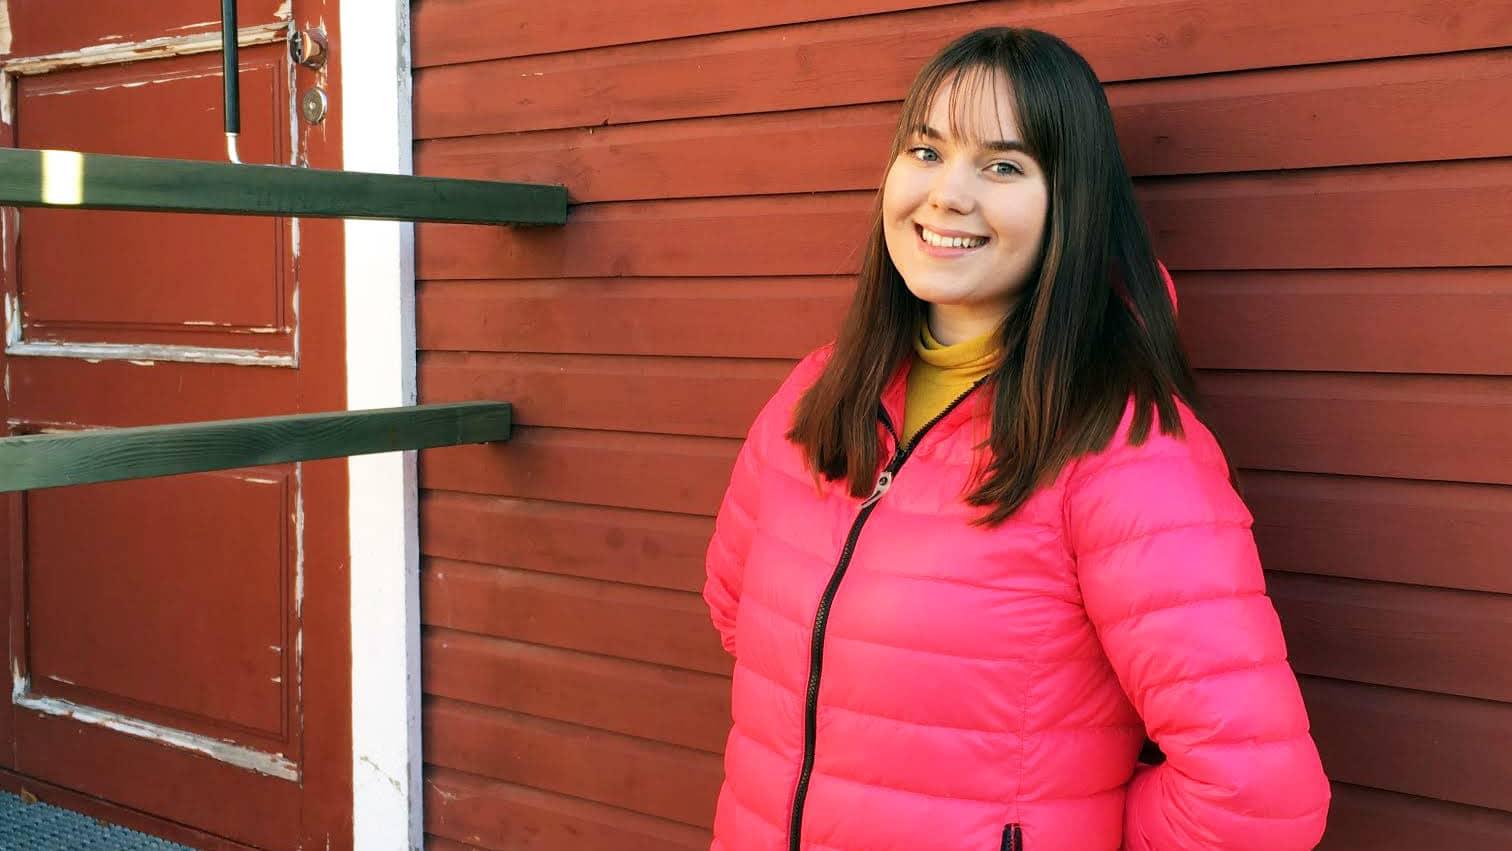 Sonja Katajamäki